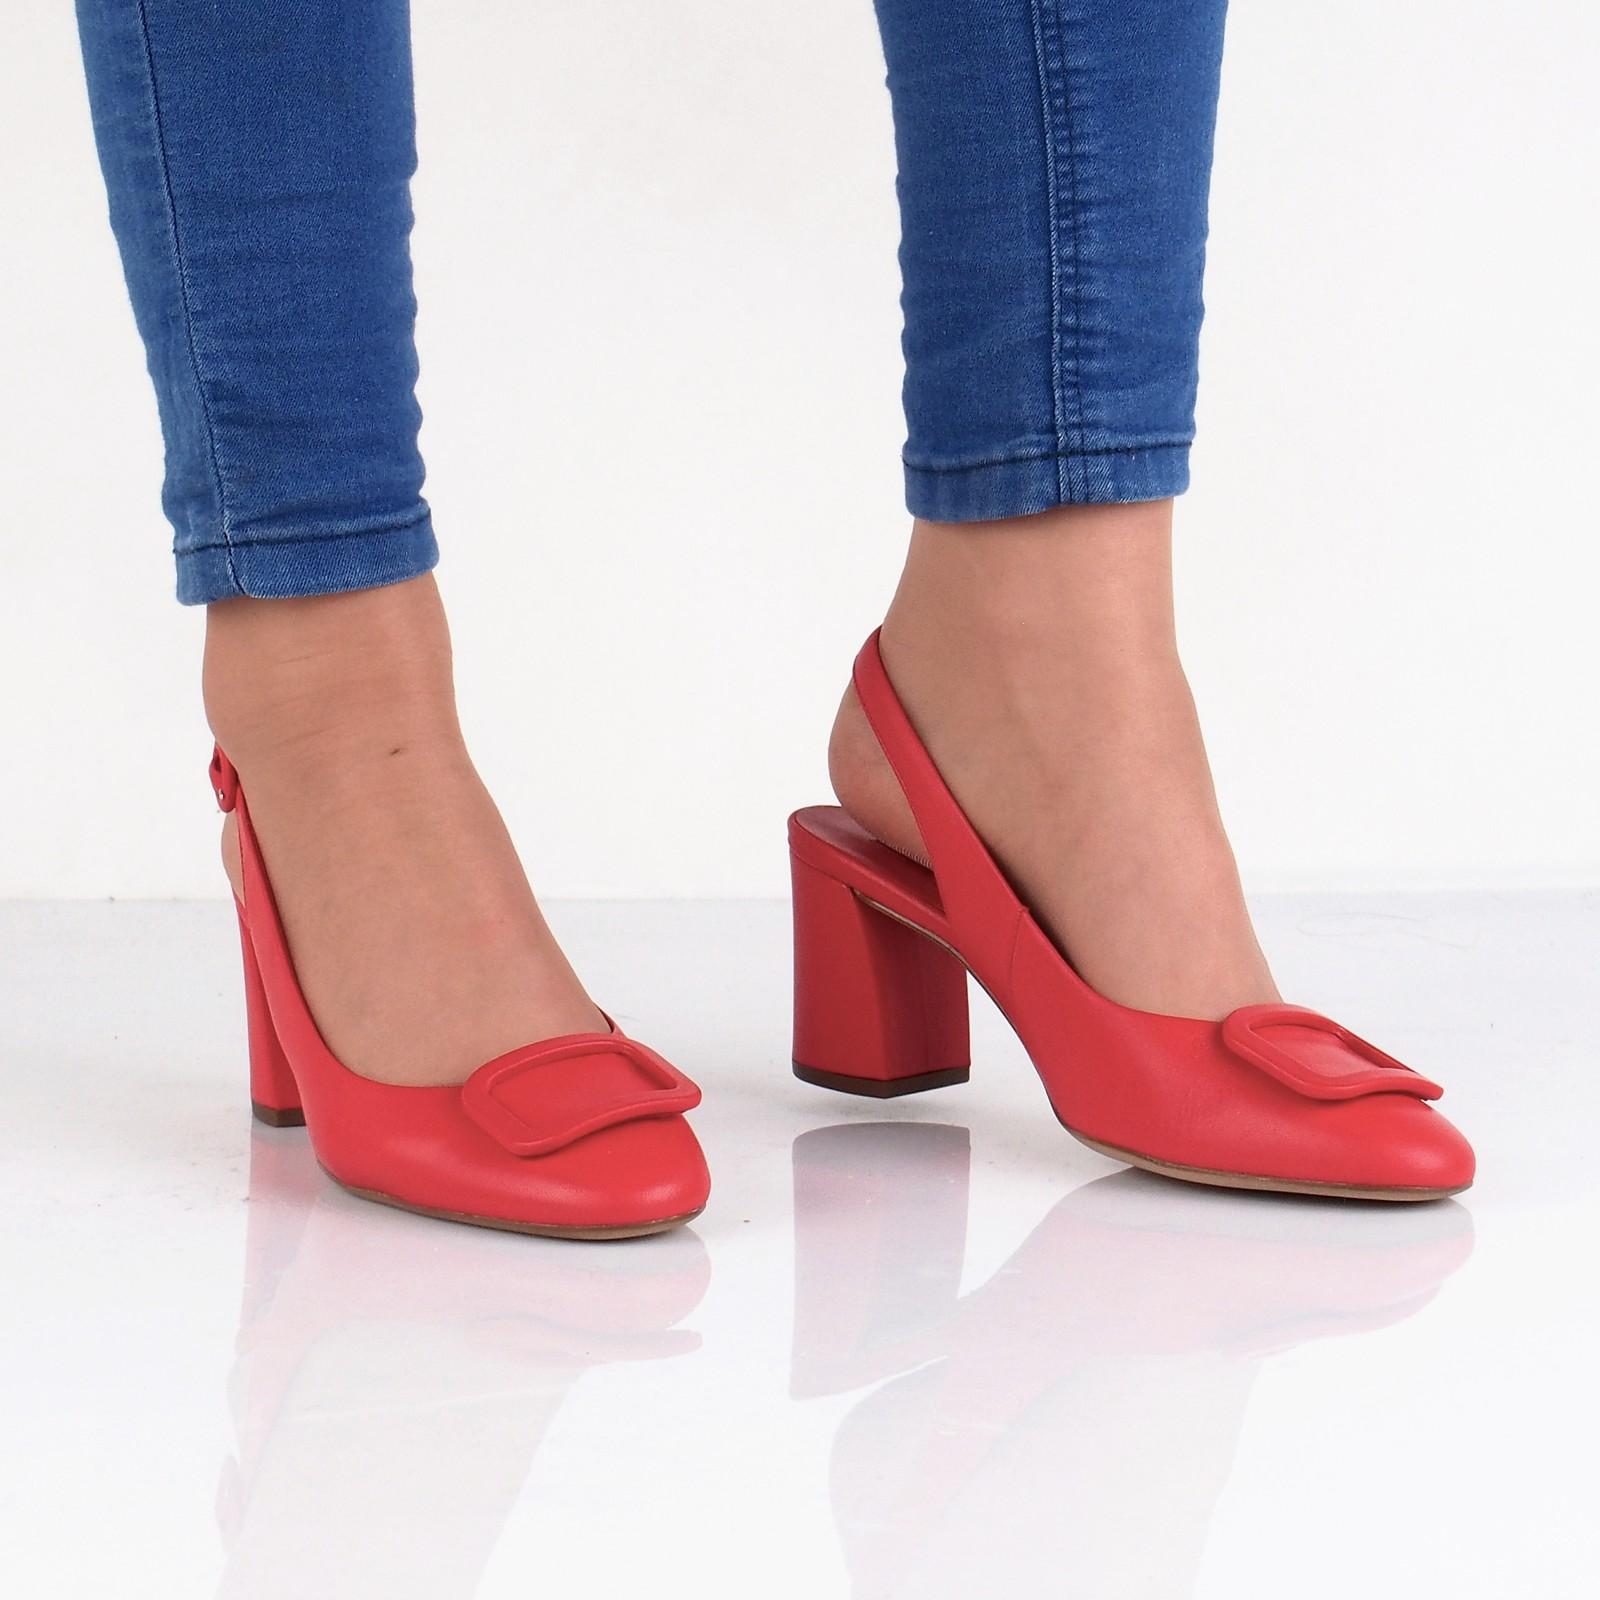 b80b128848 Högl dámské kožené stylové sandály - červené ...